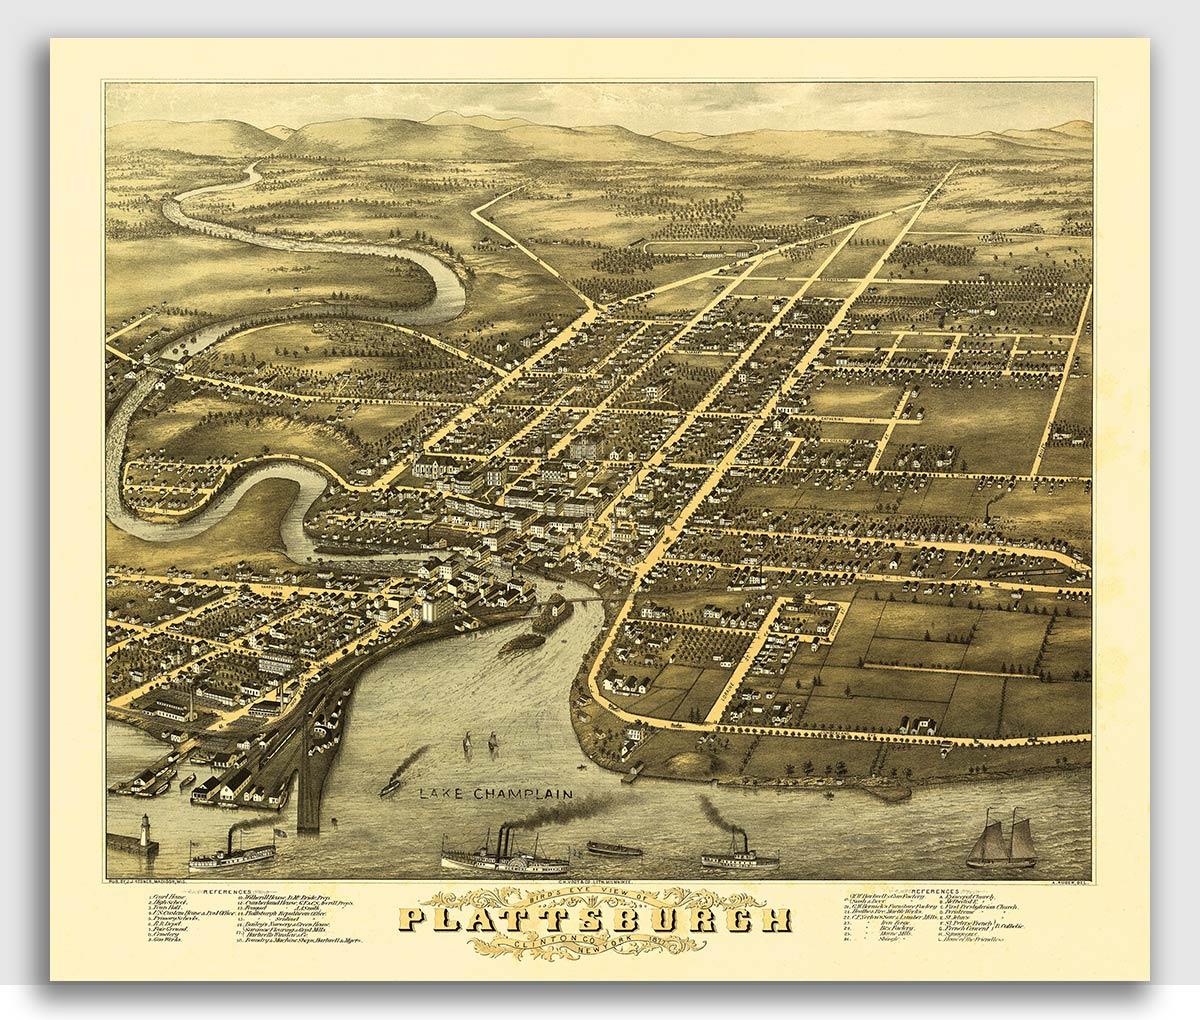 24x36 Plattsburgh New York 1899 Historic Panoramic Town Map